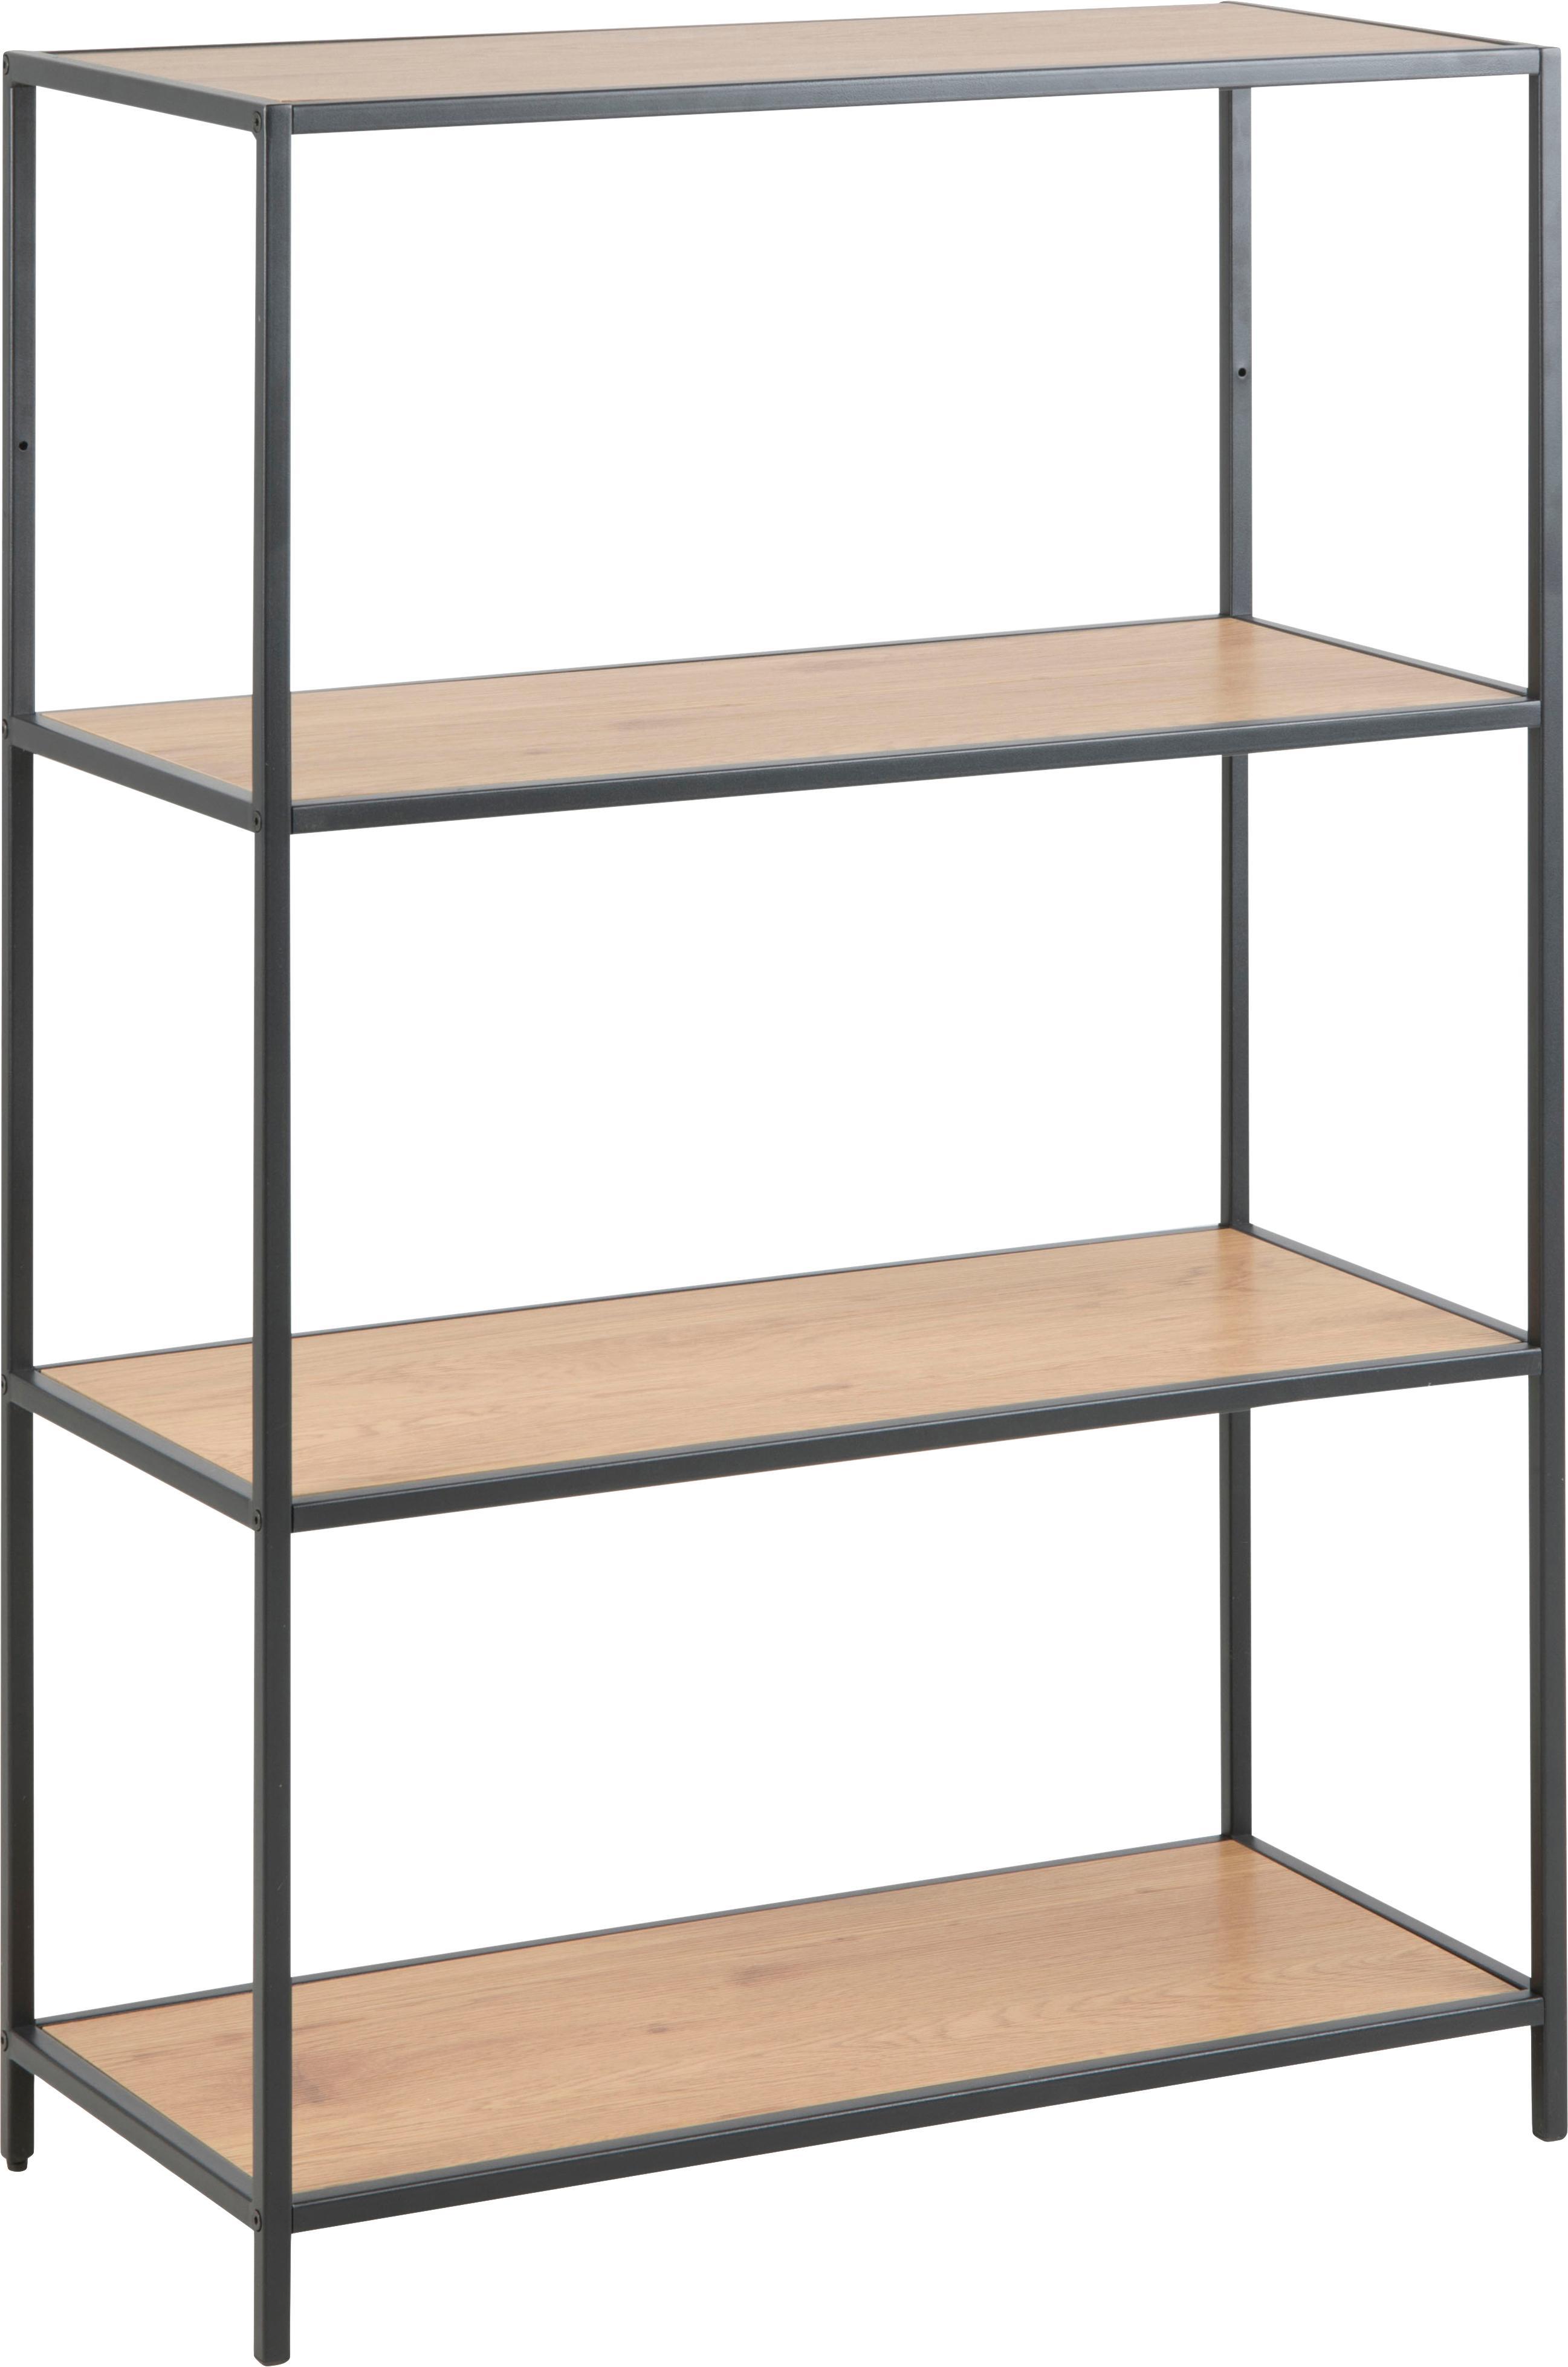 Libreria in legno e metallo Seaford, Ripiani: pannello di fibra a media, Struttura: metallo verniciato a polv, Ripiani: quercia selvatica Struttura: nero, Larg. 77 x Alt. 114 cm